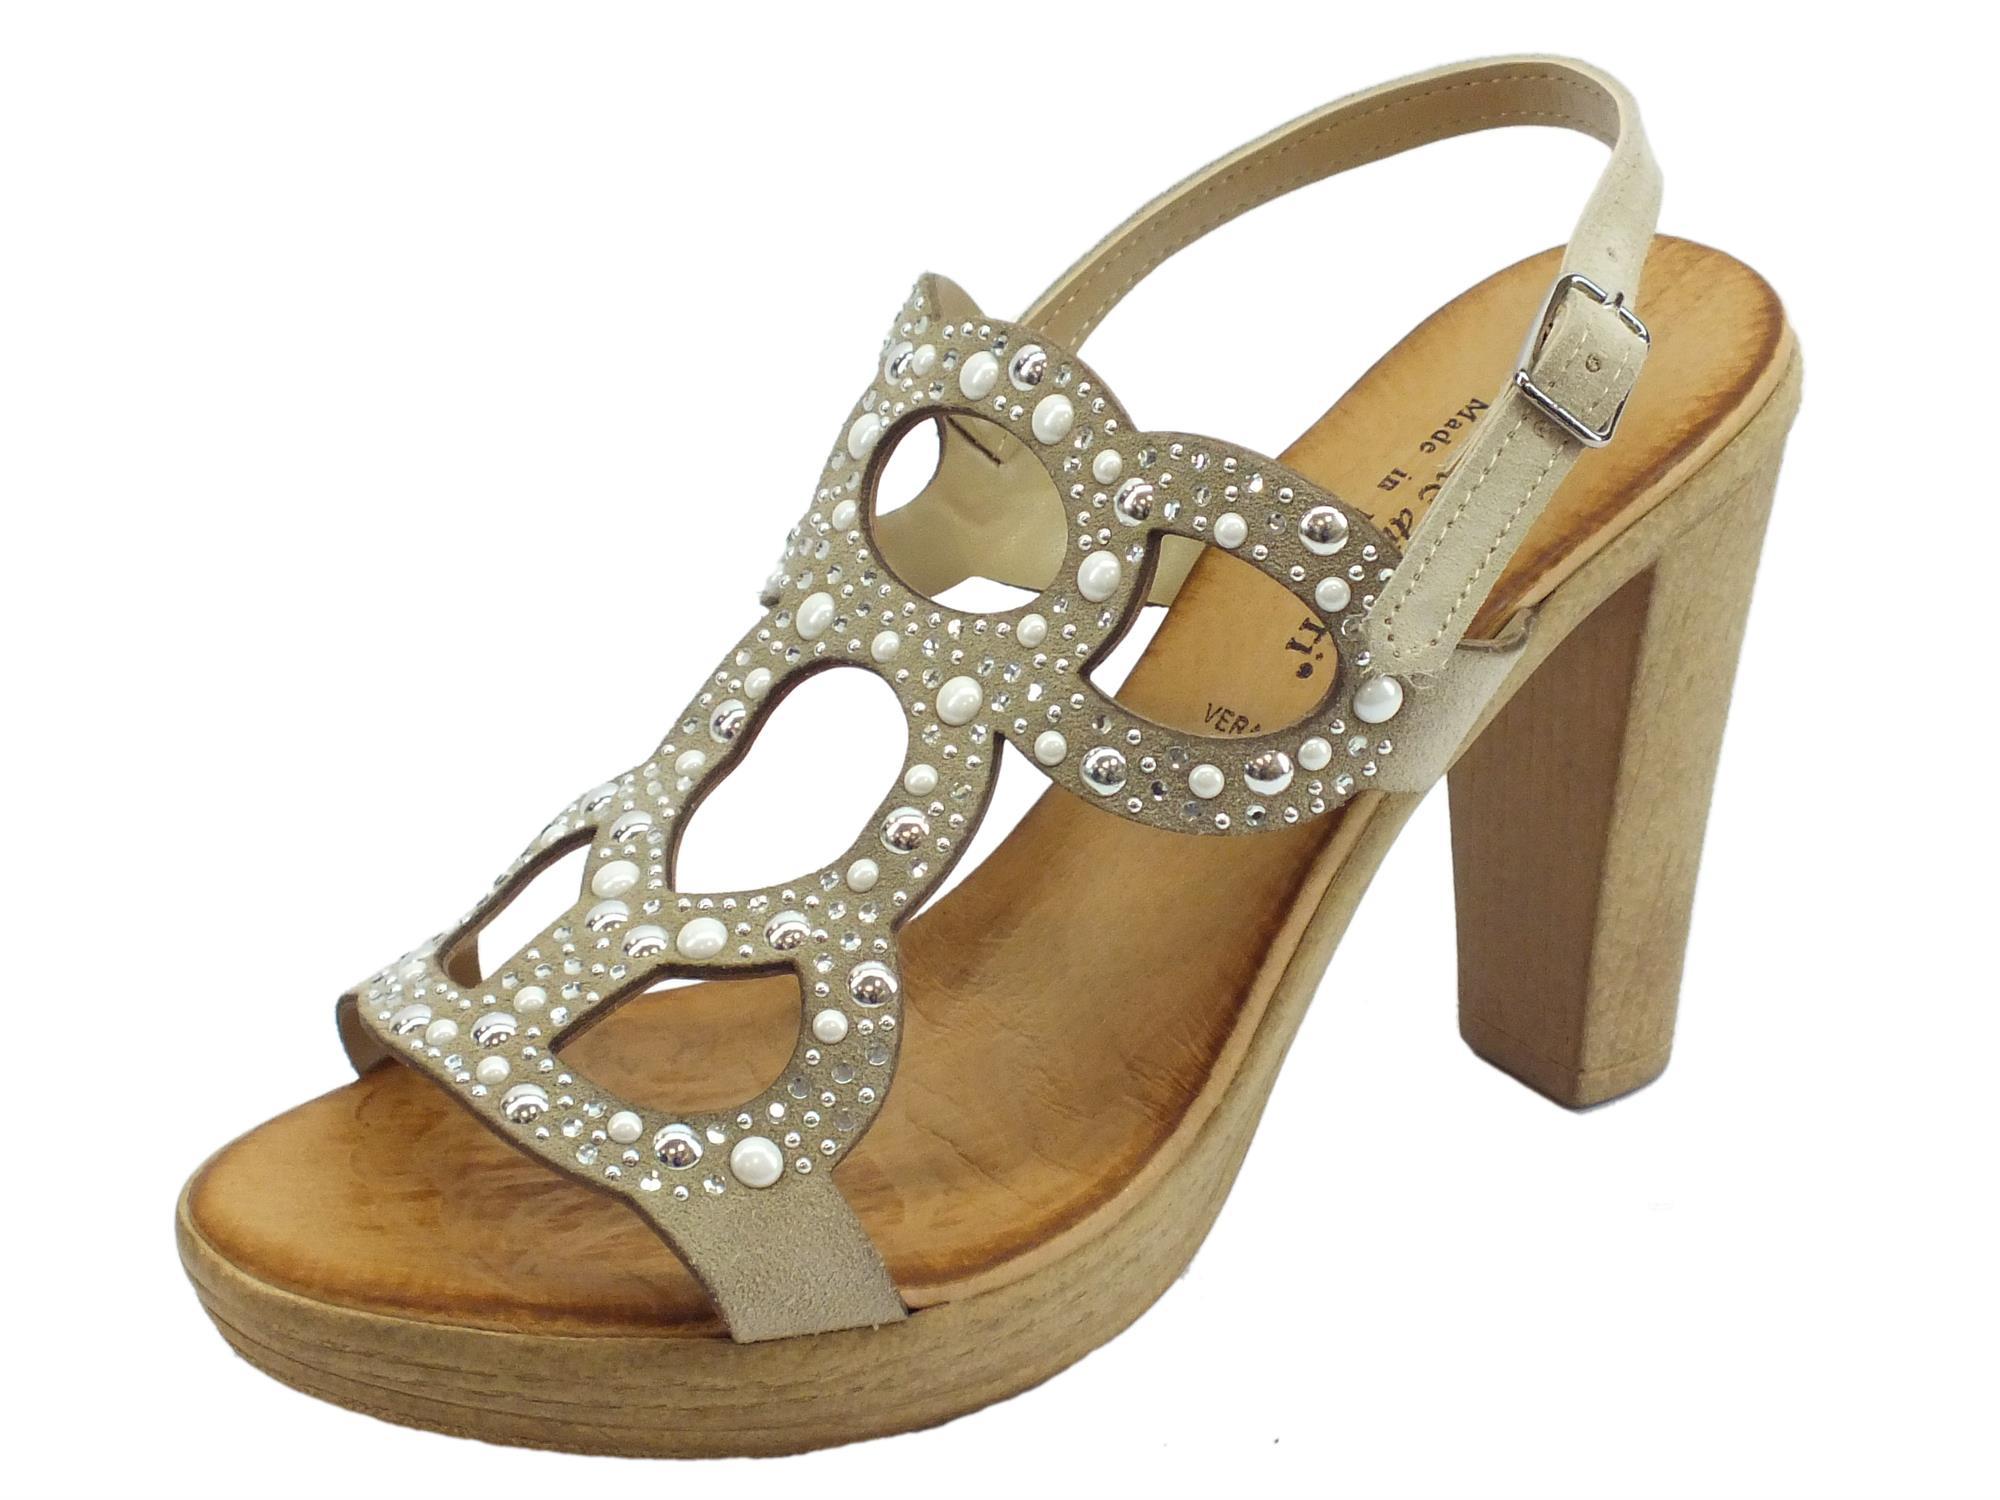 4fcbcc95dfc2e Sandali eleganti Mercante di Fiori in camoscio sabbia strass e borchiette  bianche tacco alto